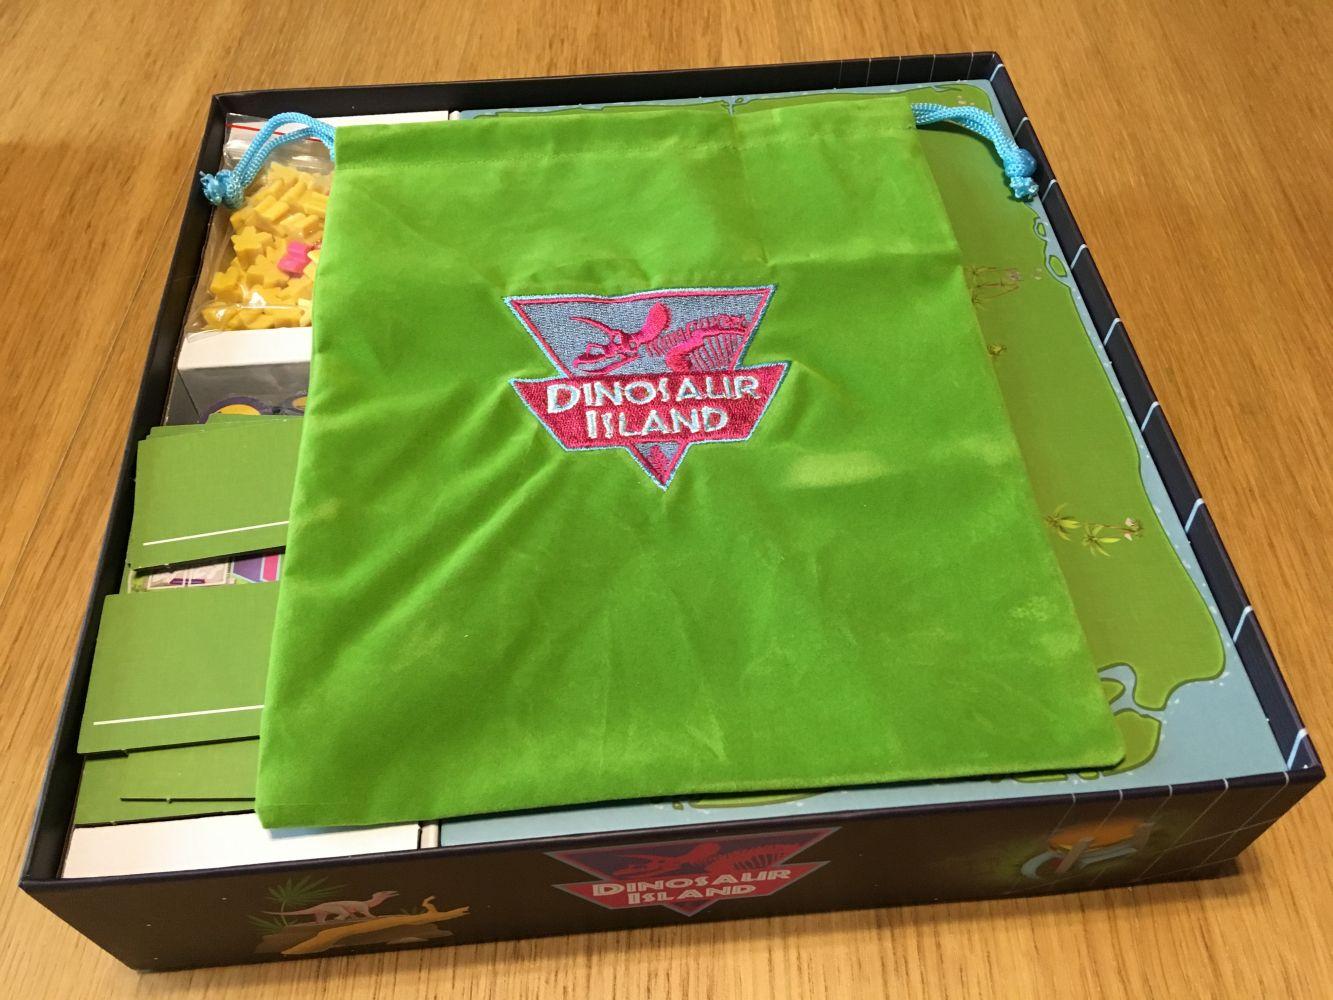 La boîte rangée avec les plateaux et le sac